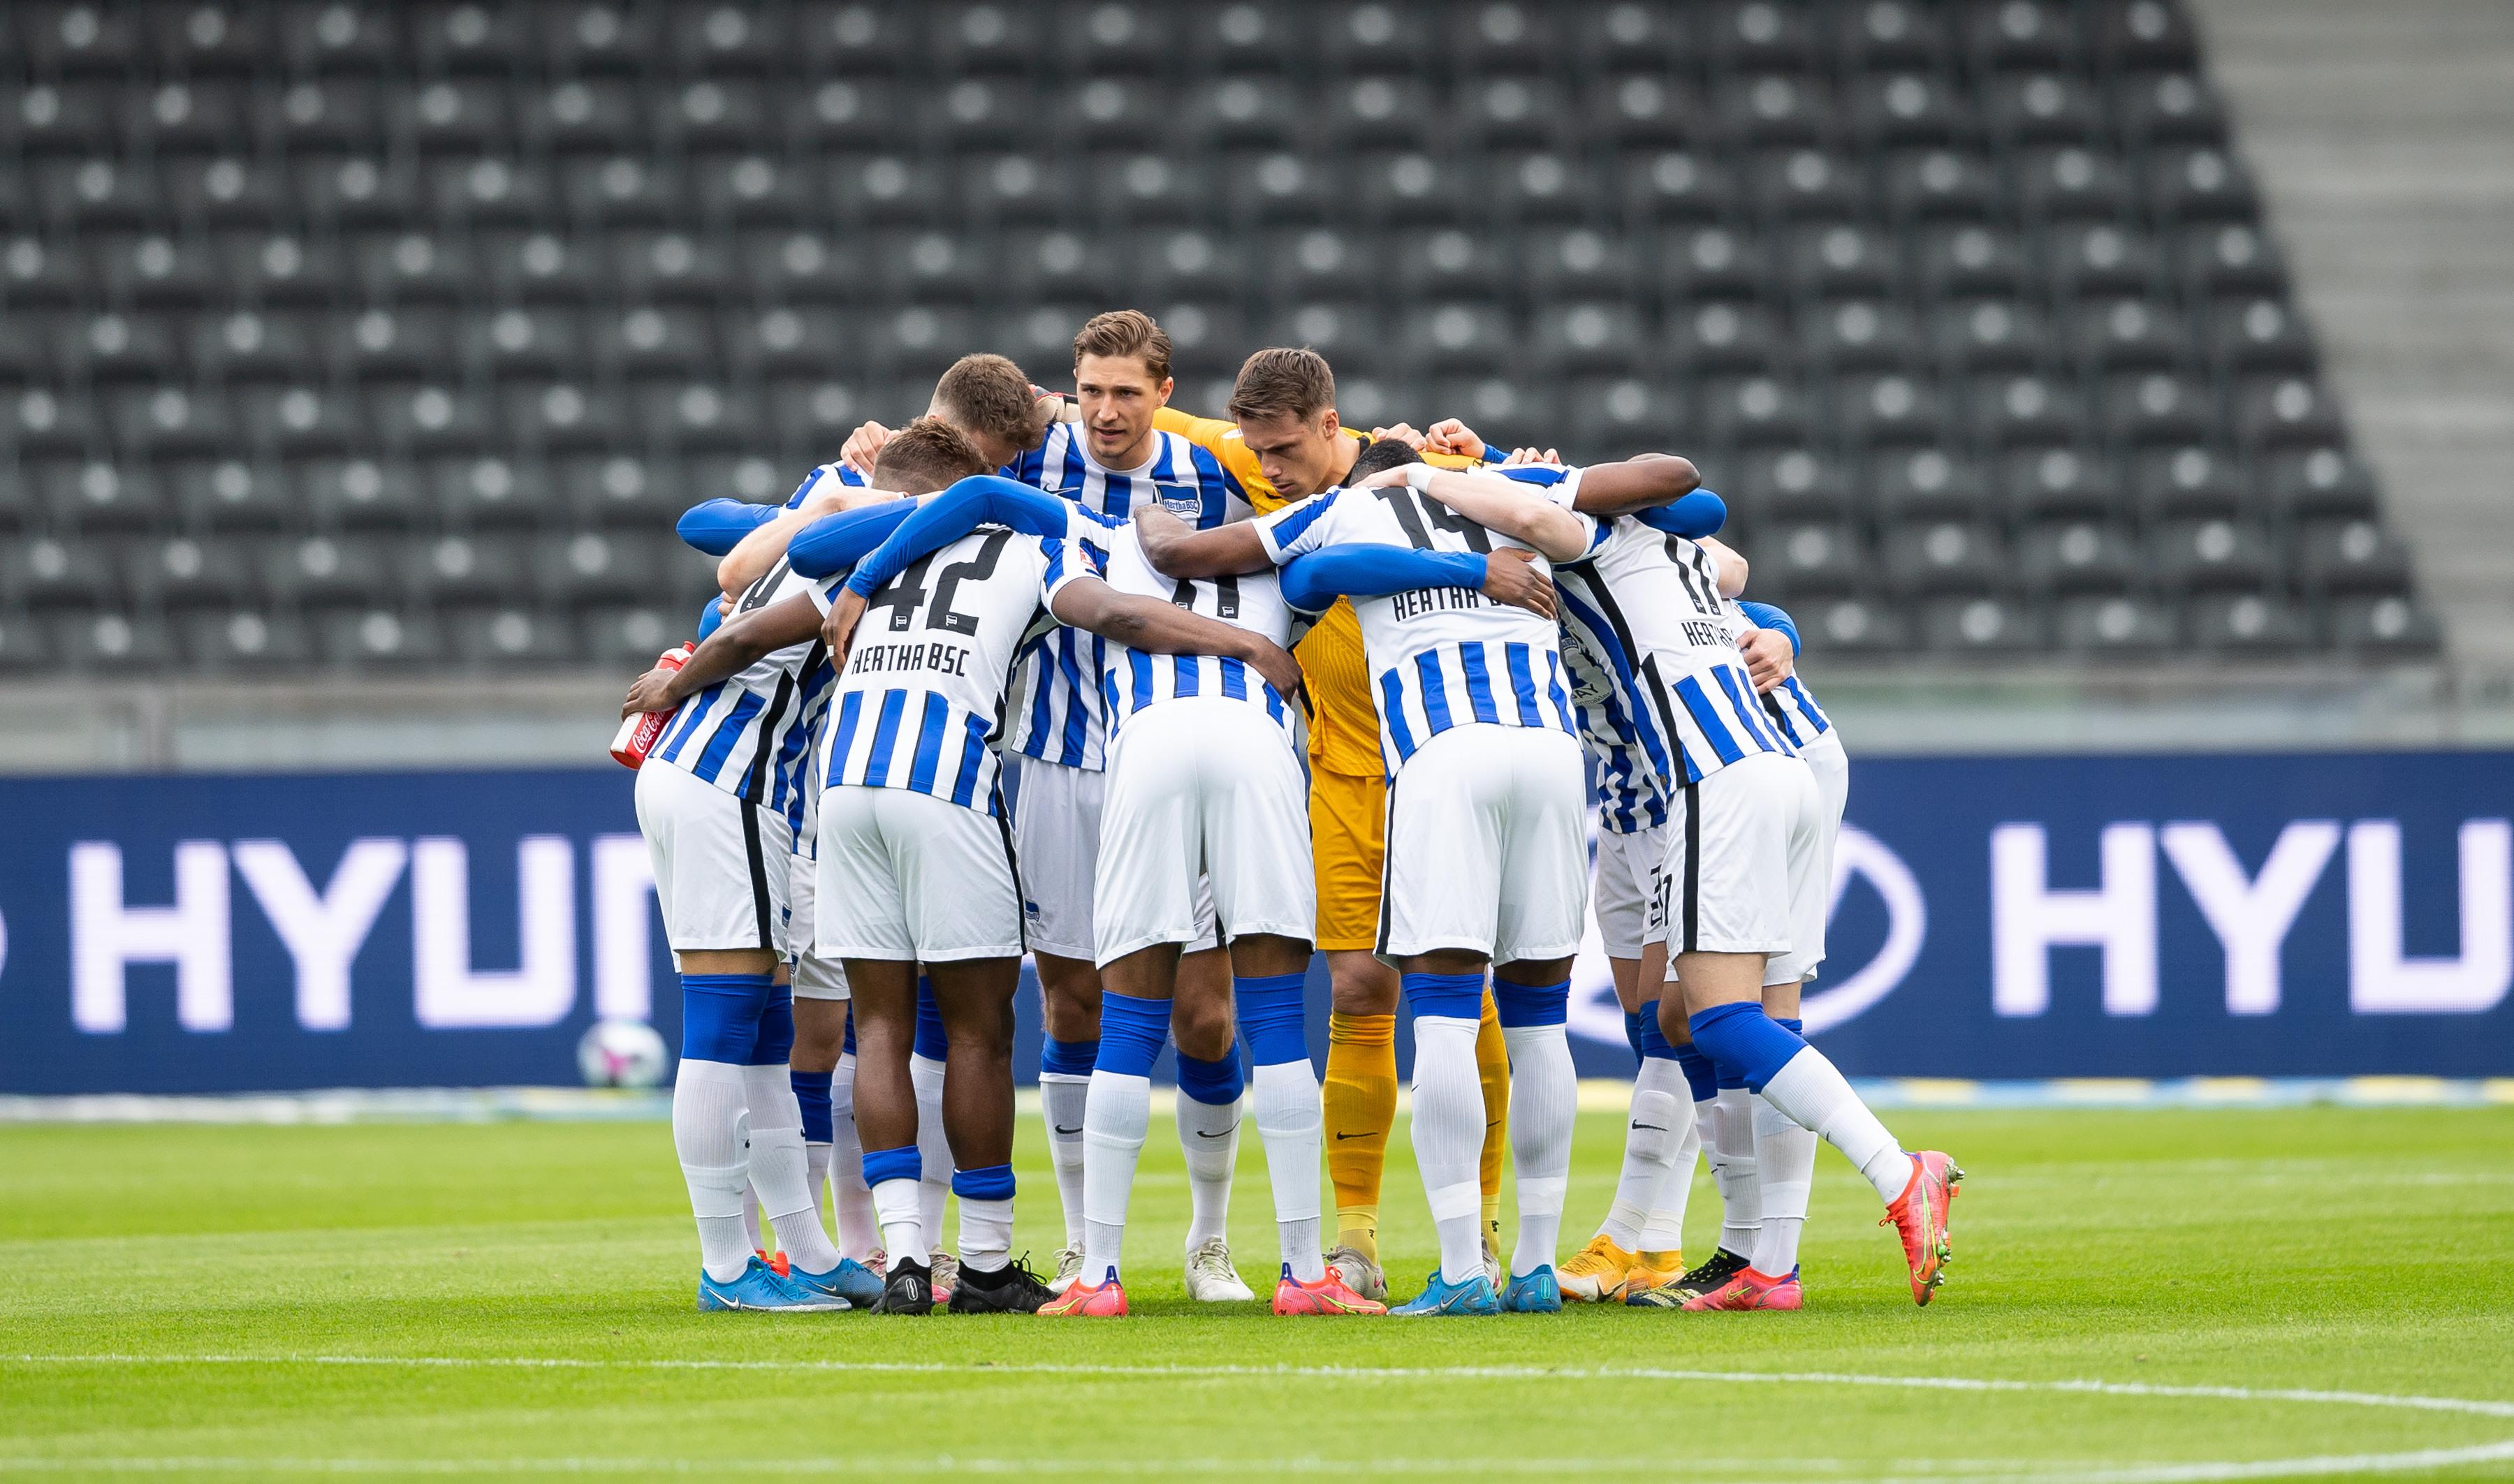 Unser Mannschaftskreis vor dem Heimspiel gegen Mönchengladbach.